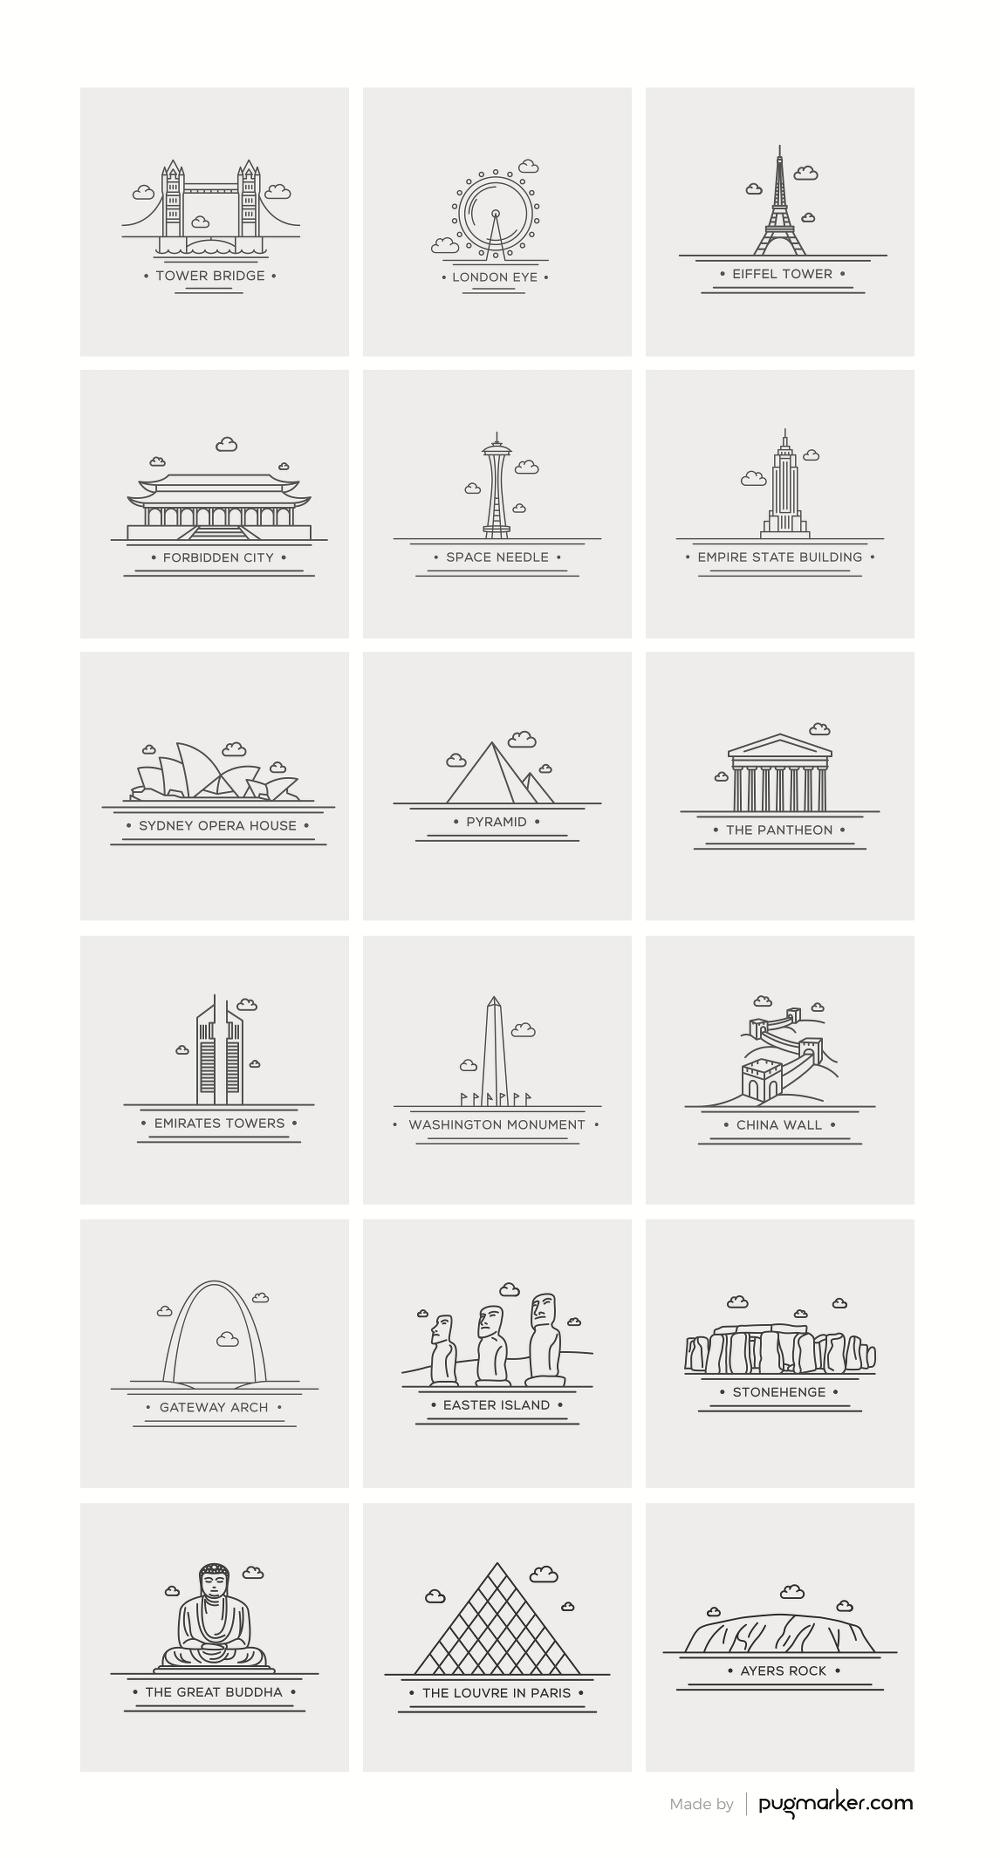 18 가지 무료 벡터 세계 랜드마크 아이콘 - 18 Free World Landmark Icons